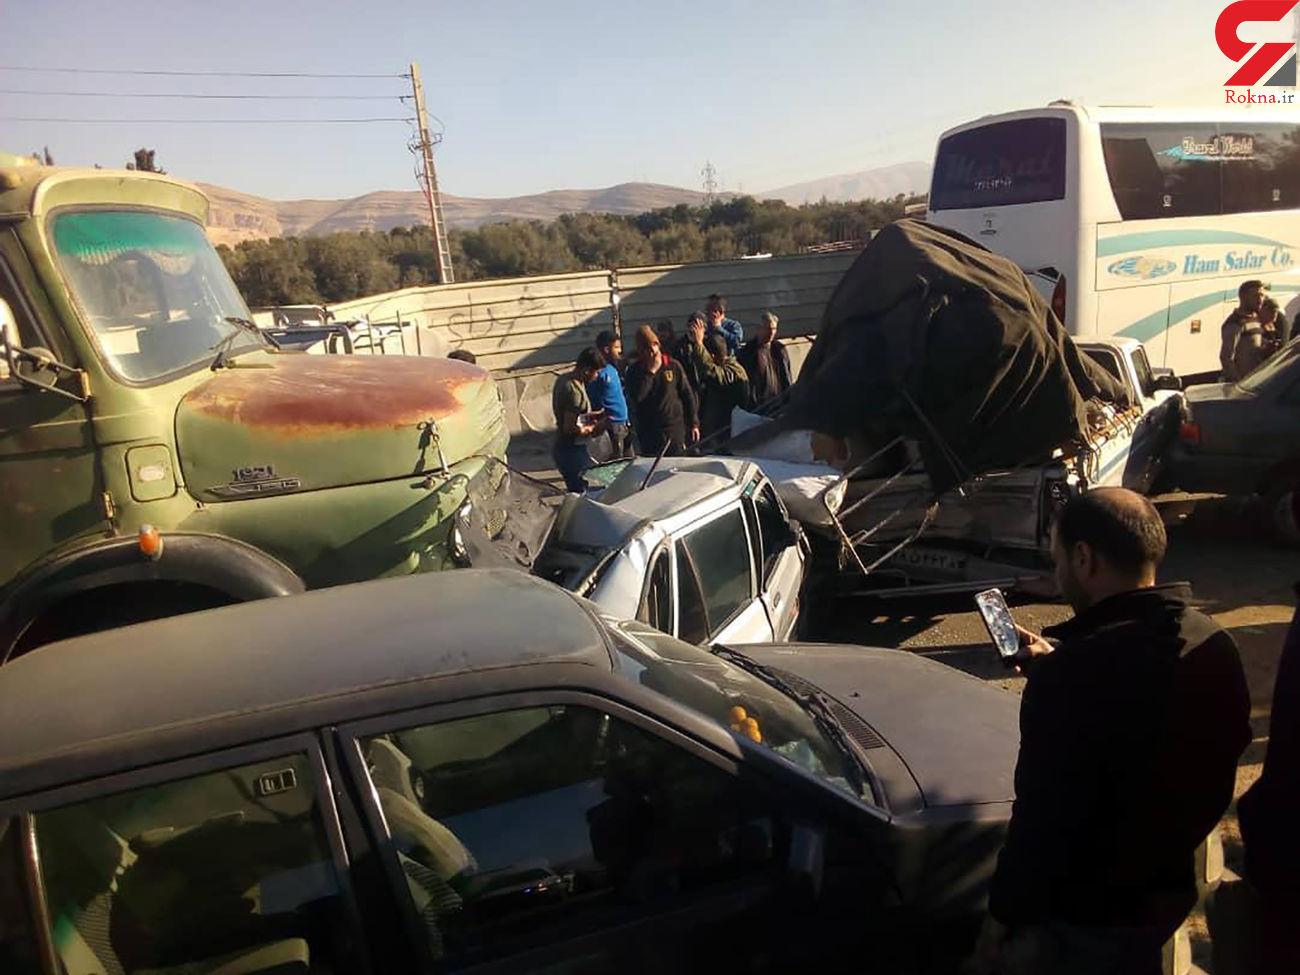 عکس های عجیب از یک فاجعه در شیراز + جزییات